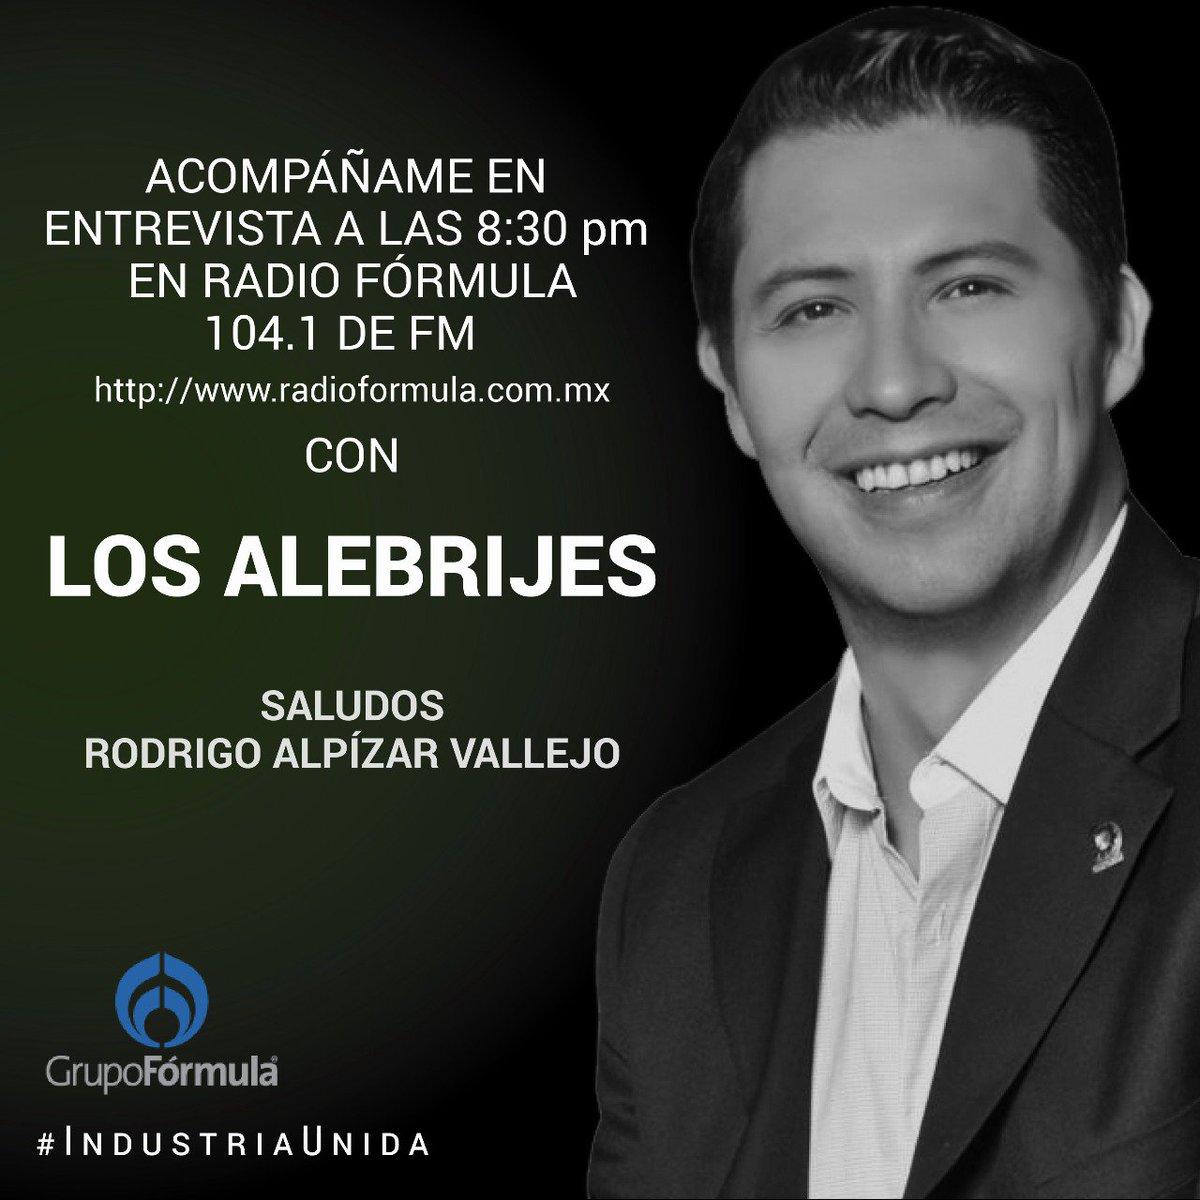 RT @RAlpizarV: Buena noche, acompáñenme a las 8:30 pm en @Radio_Formula  @CONCAMIN  #IndustriaUnida https://t.co/3BlVBYgPLg